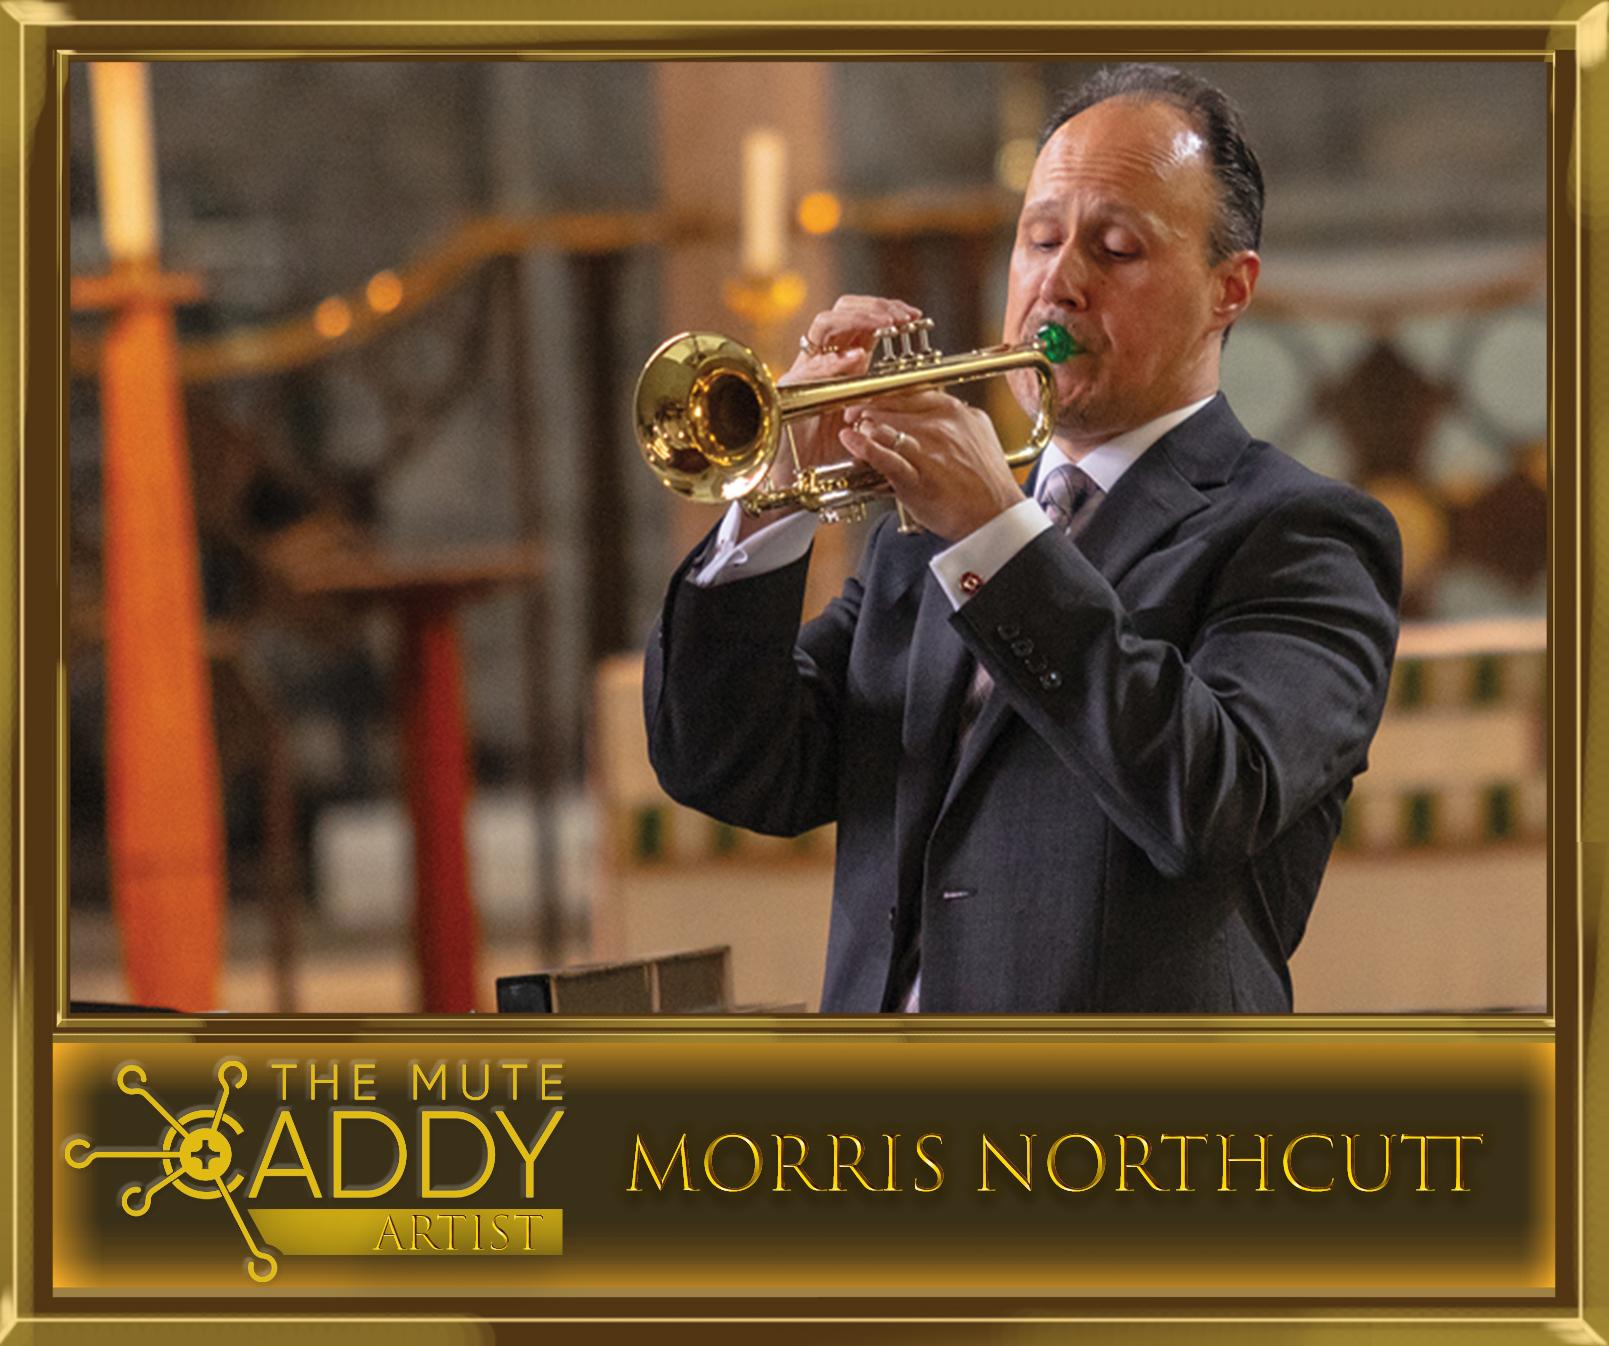 Morris Northcutt